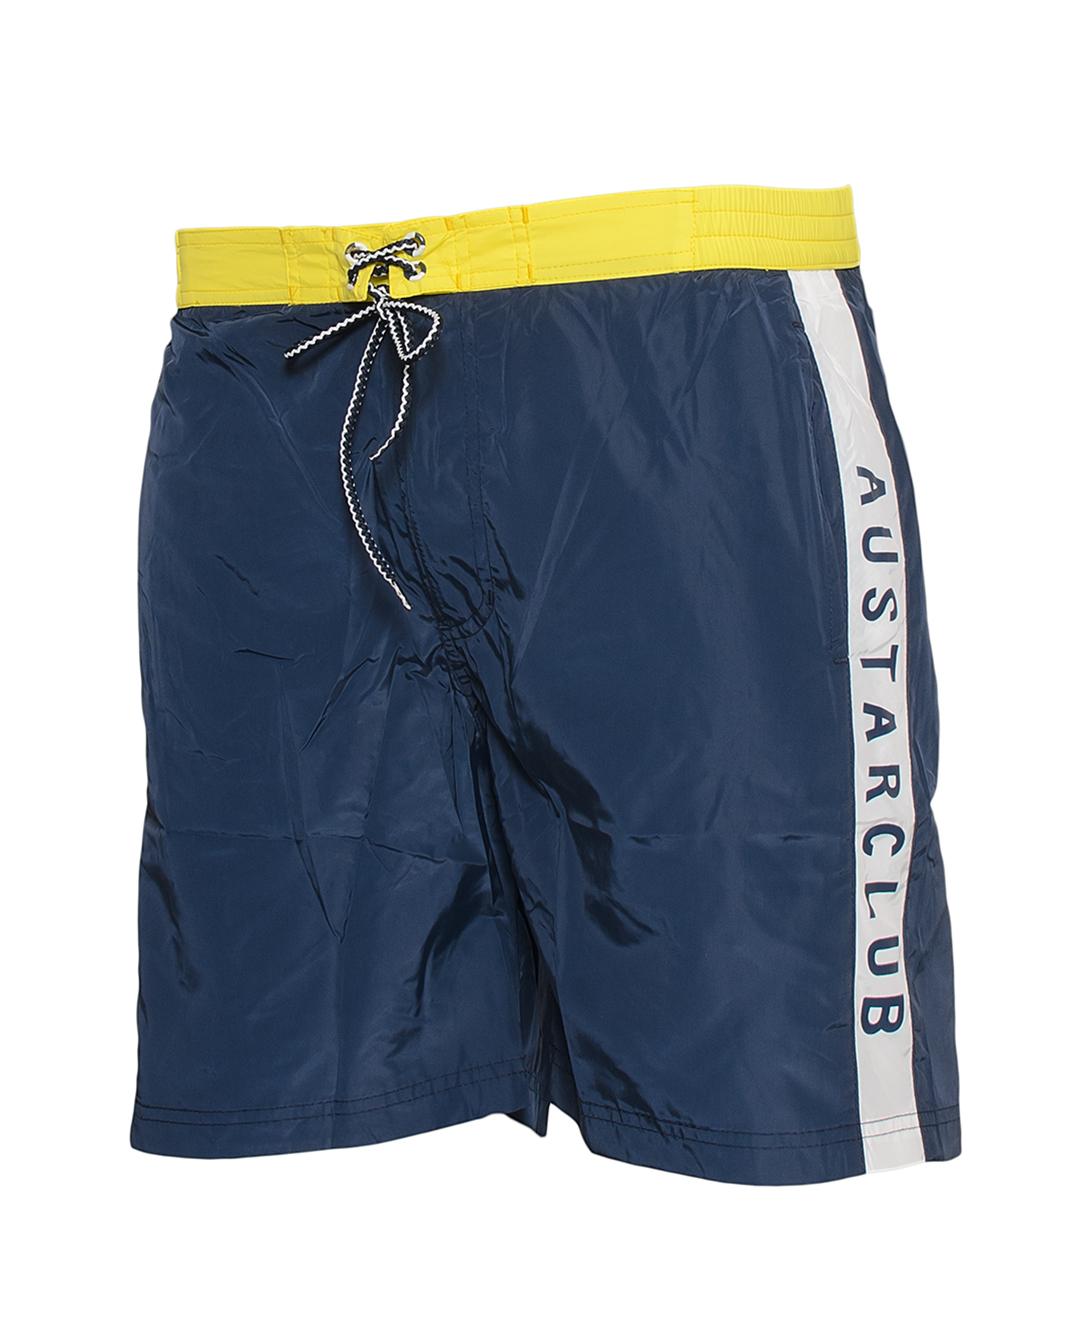 Ανδρικό Μαγιώ Blue Club αρχική ανδρικά ρούχα επιλογή ανά προϊόν μαγιό